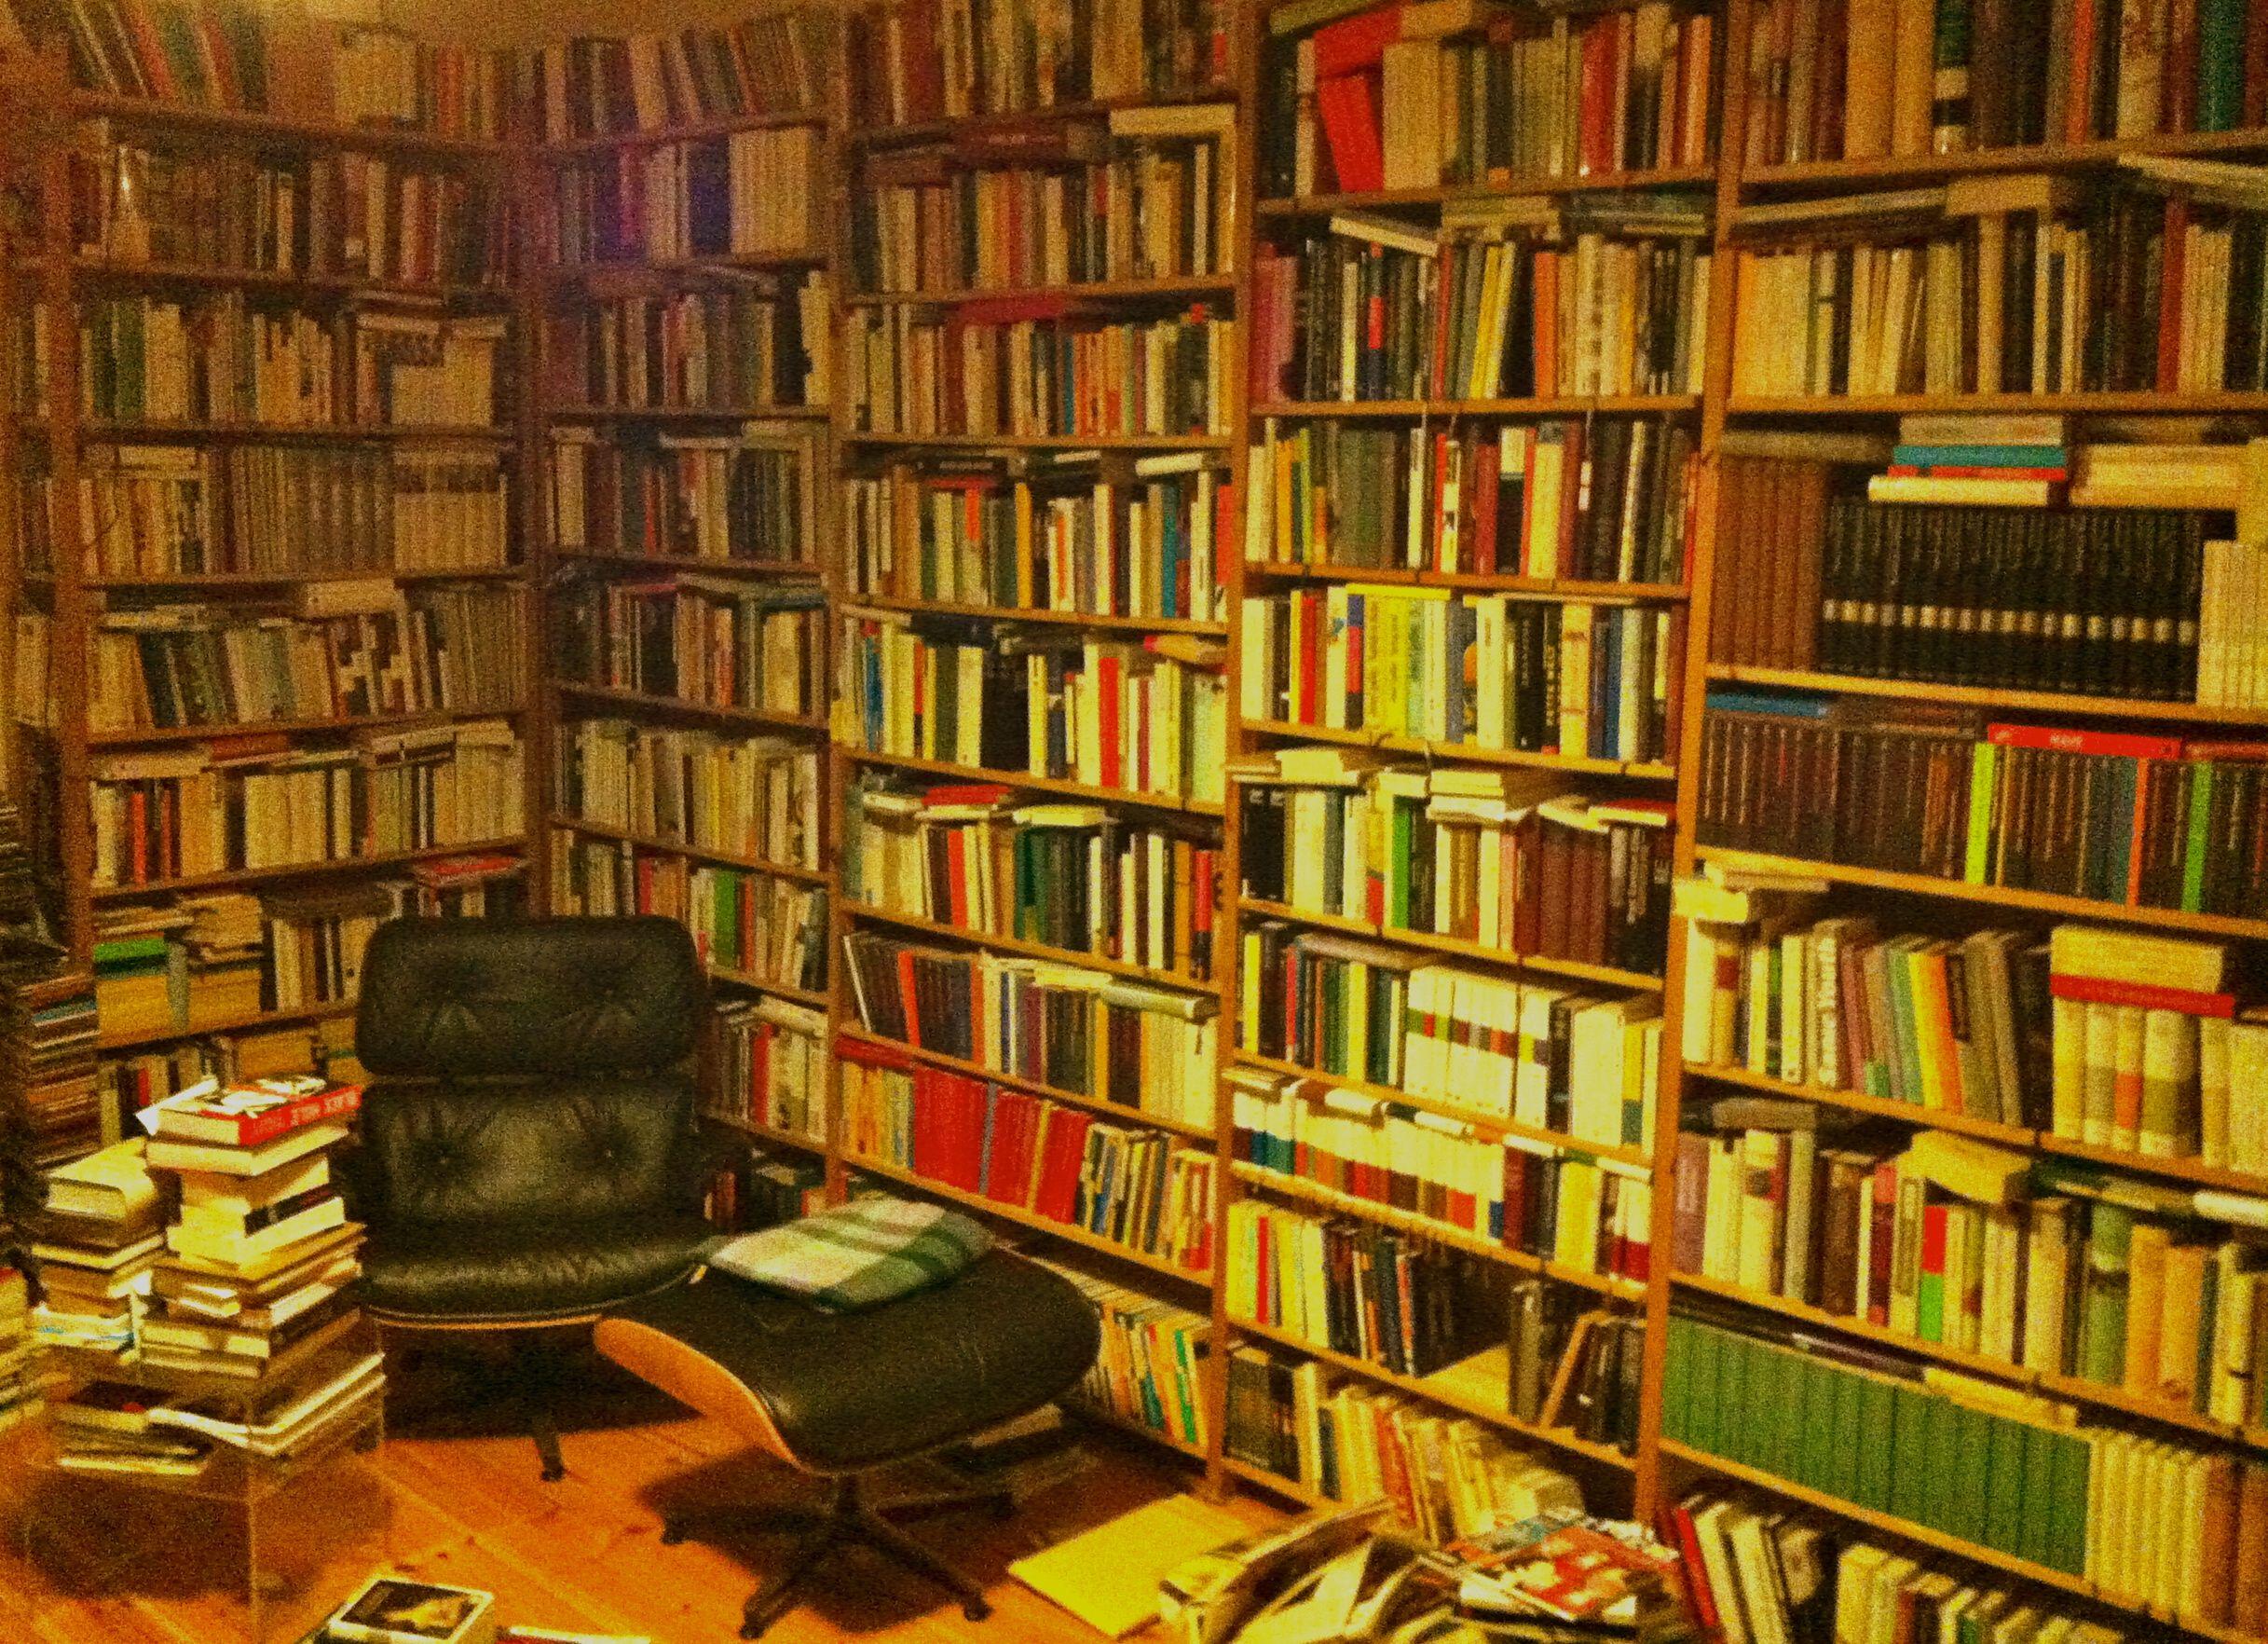 Unsere Freitagsfrage an Euch: Was gibt's am Wochenende zu lesen?